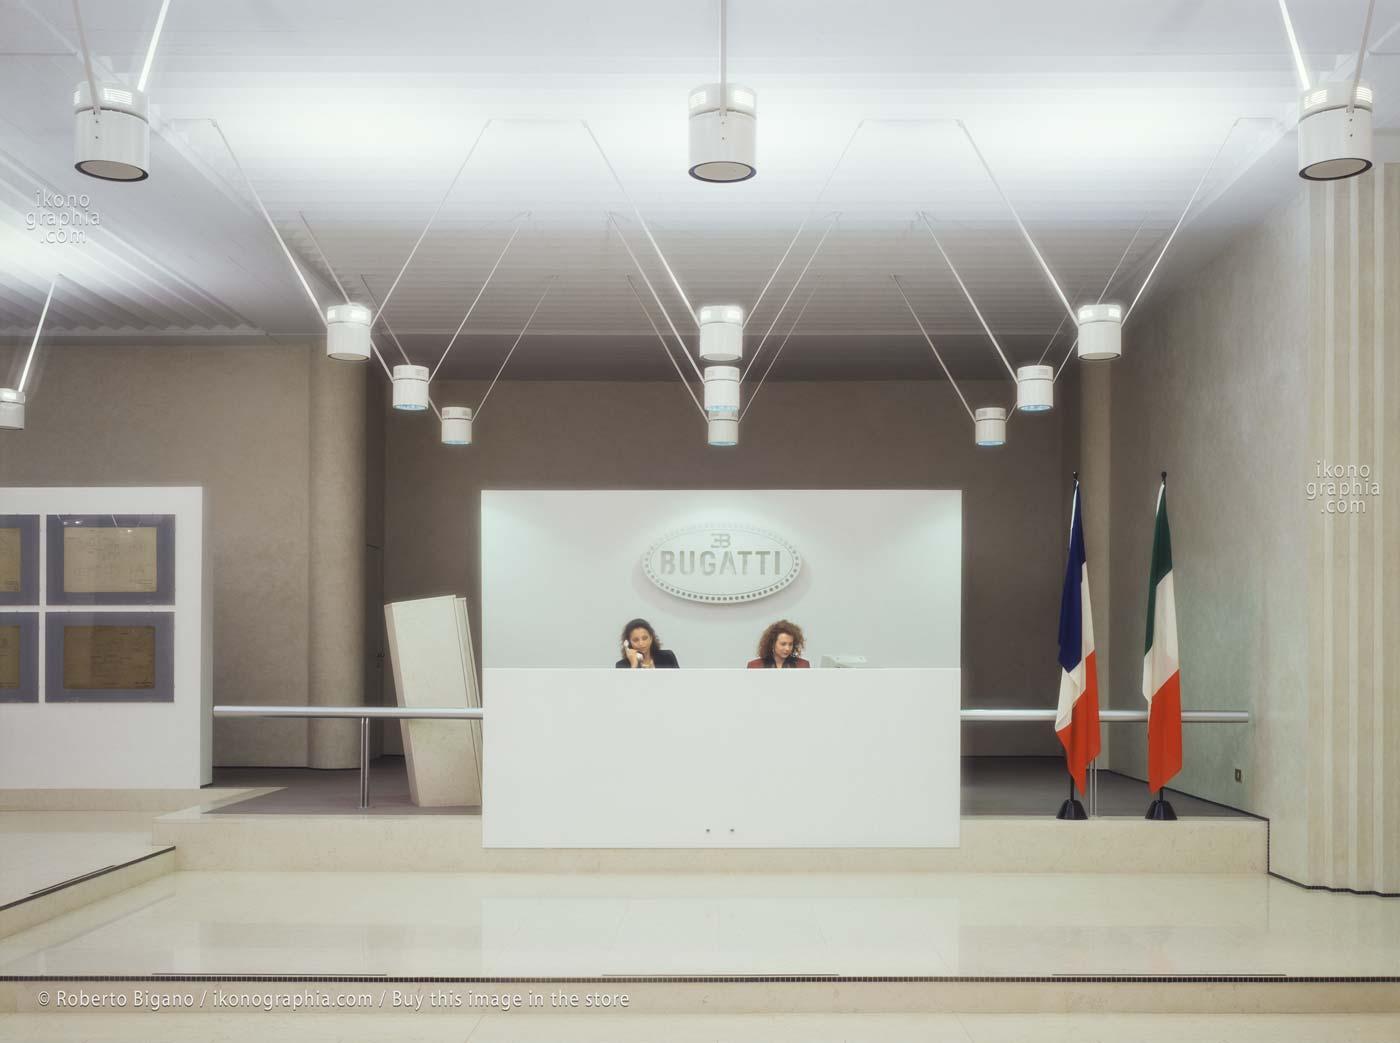 Bugatti Automobili. The large and bright luxury reception